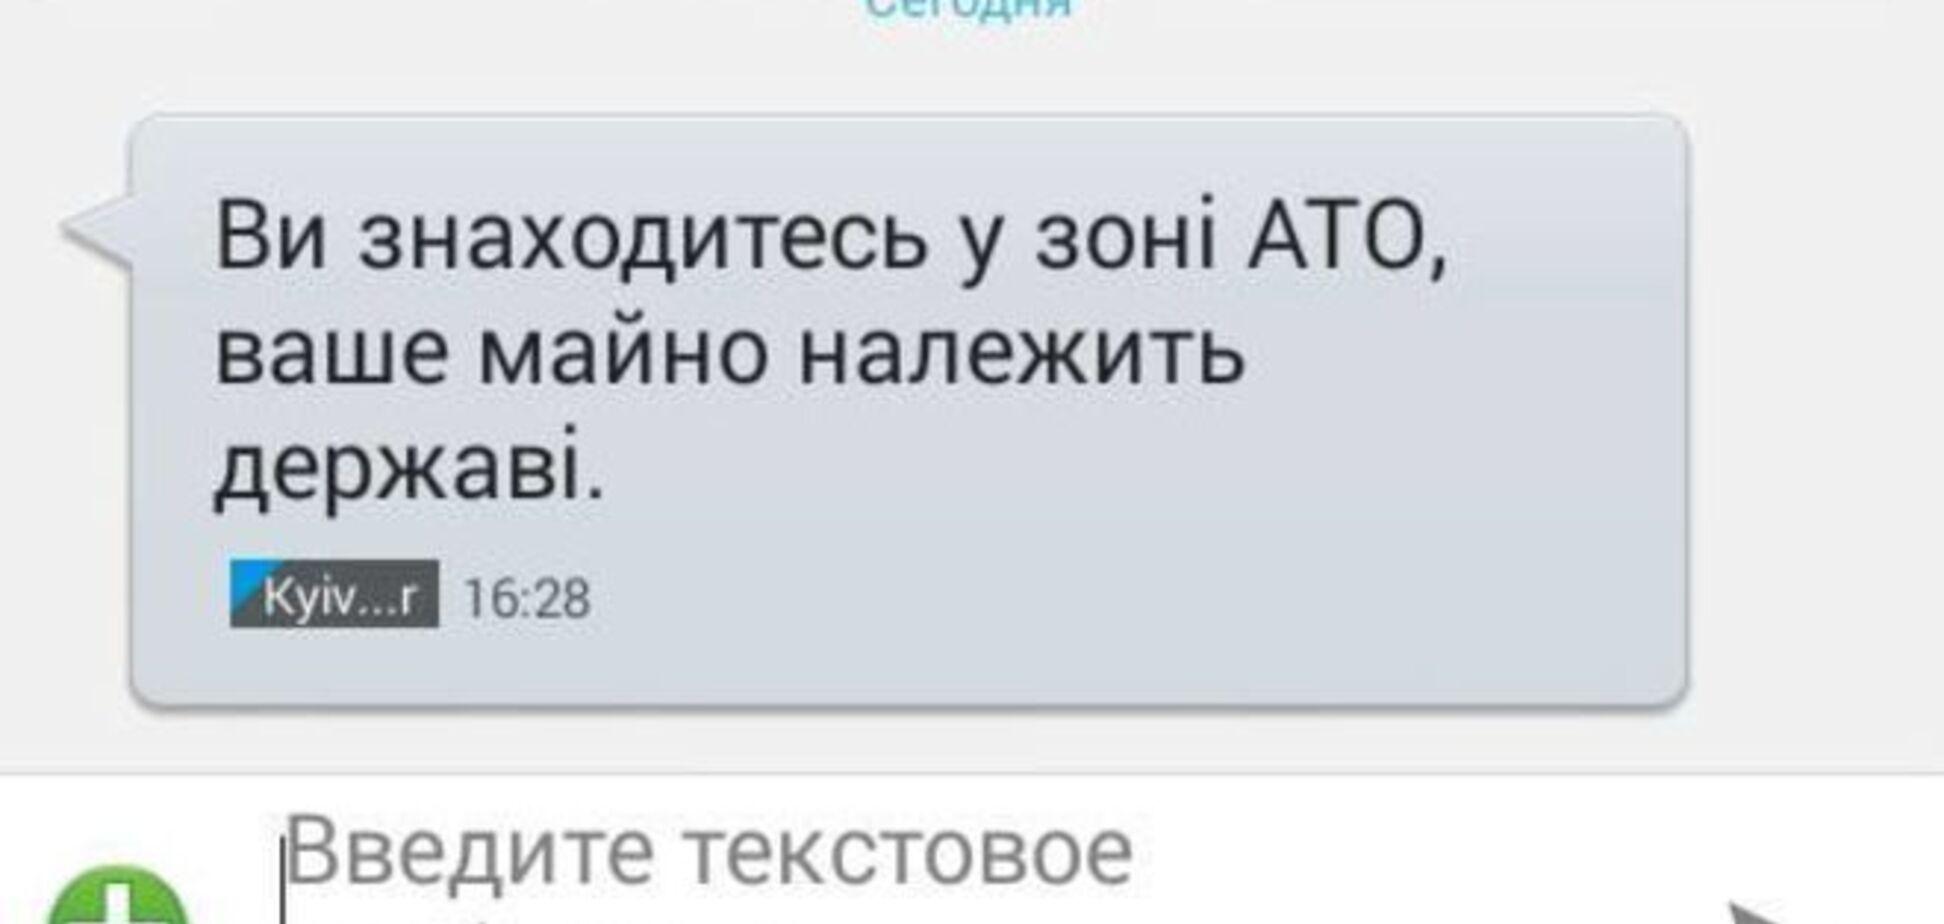 Террористы в зоне АТО рассылают СМС от имени Украины: фотофакт